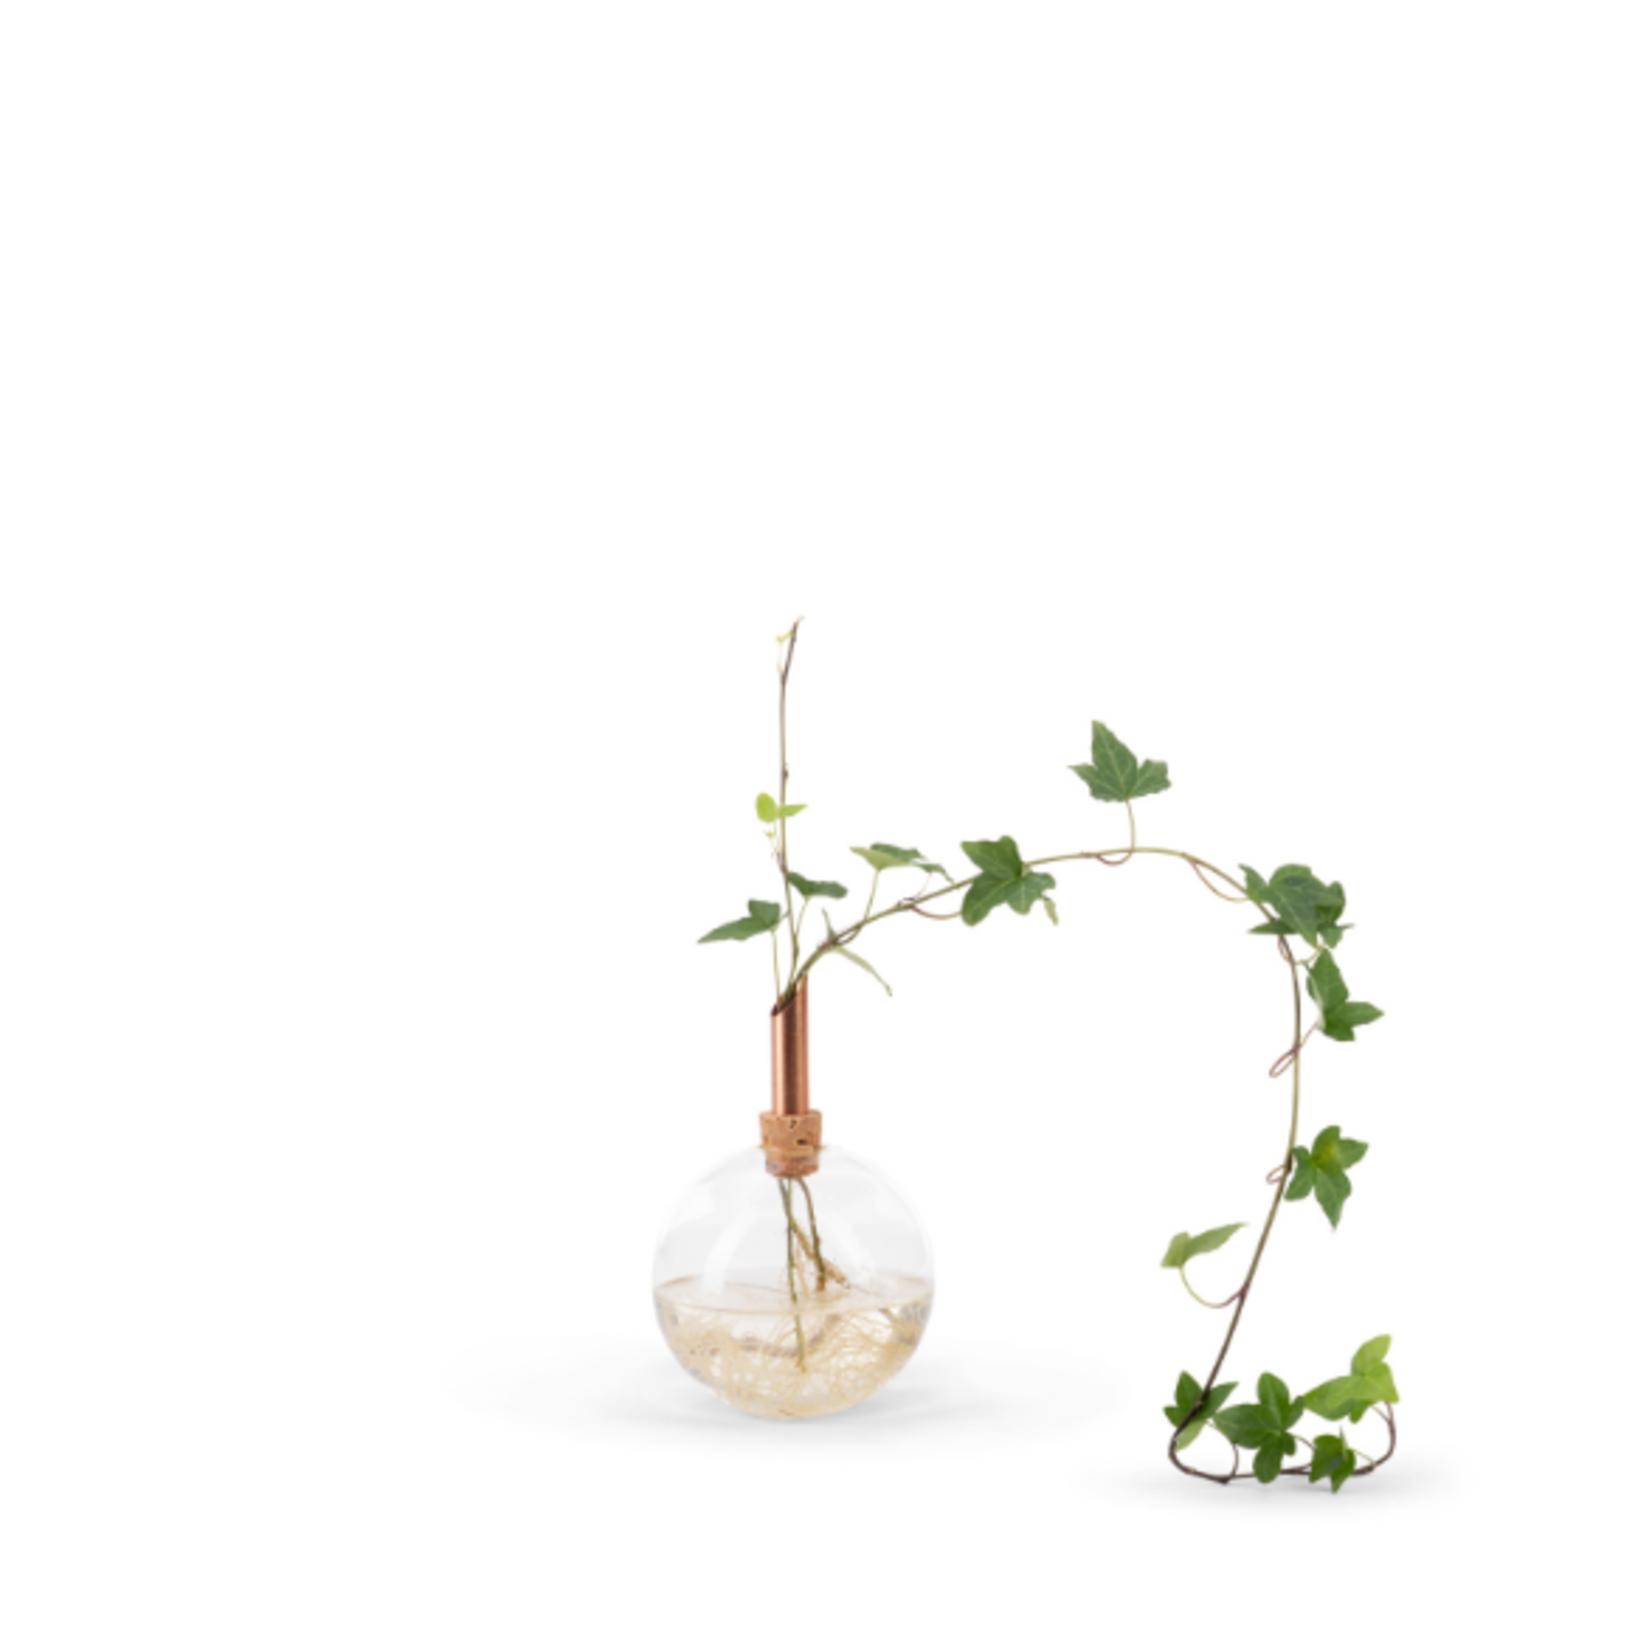 scandinavia form scandinavia form - glasilium vase